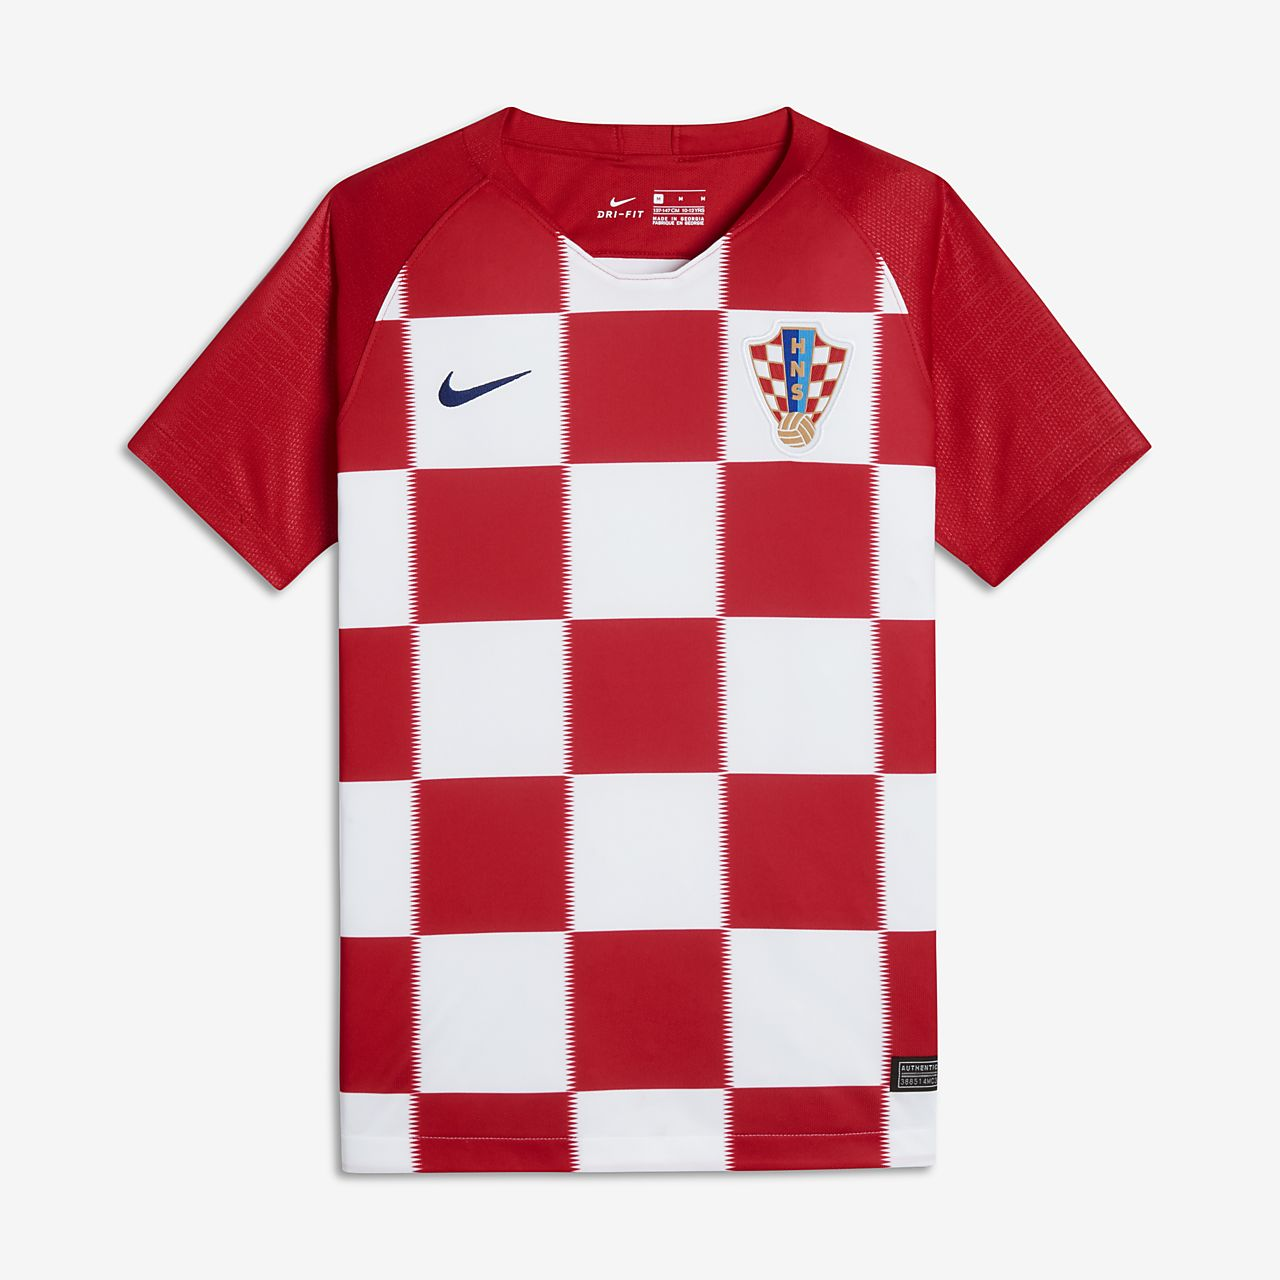 d0878e20fb 2018 Croatia Stadium Home Camiseta de fútbol - Niño a. Nike.com ES